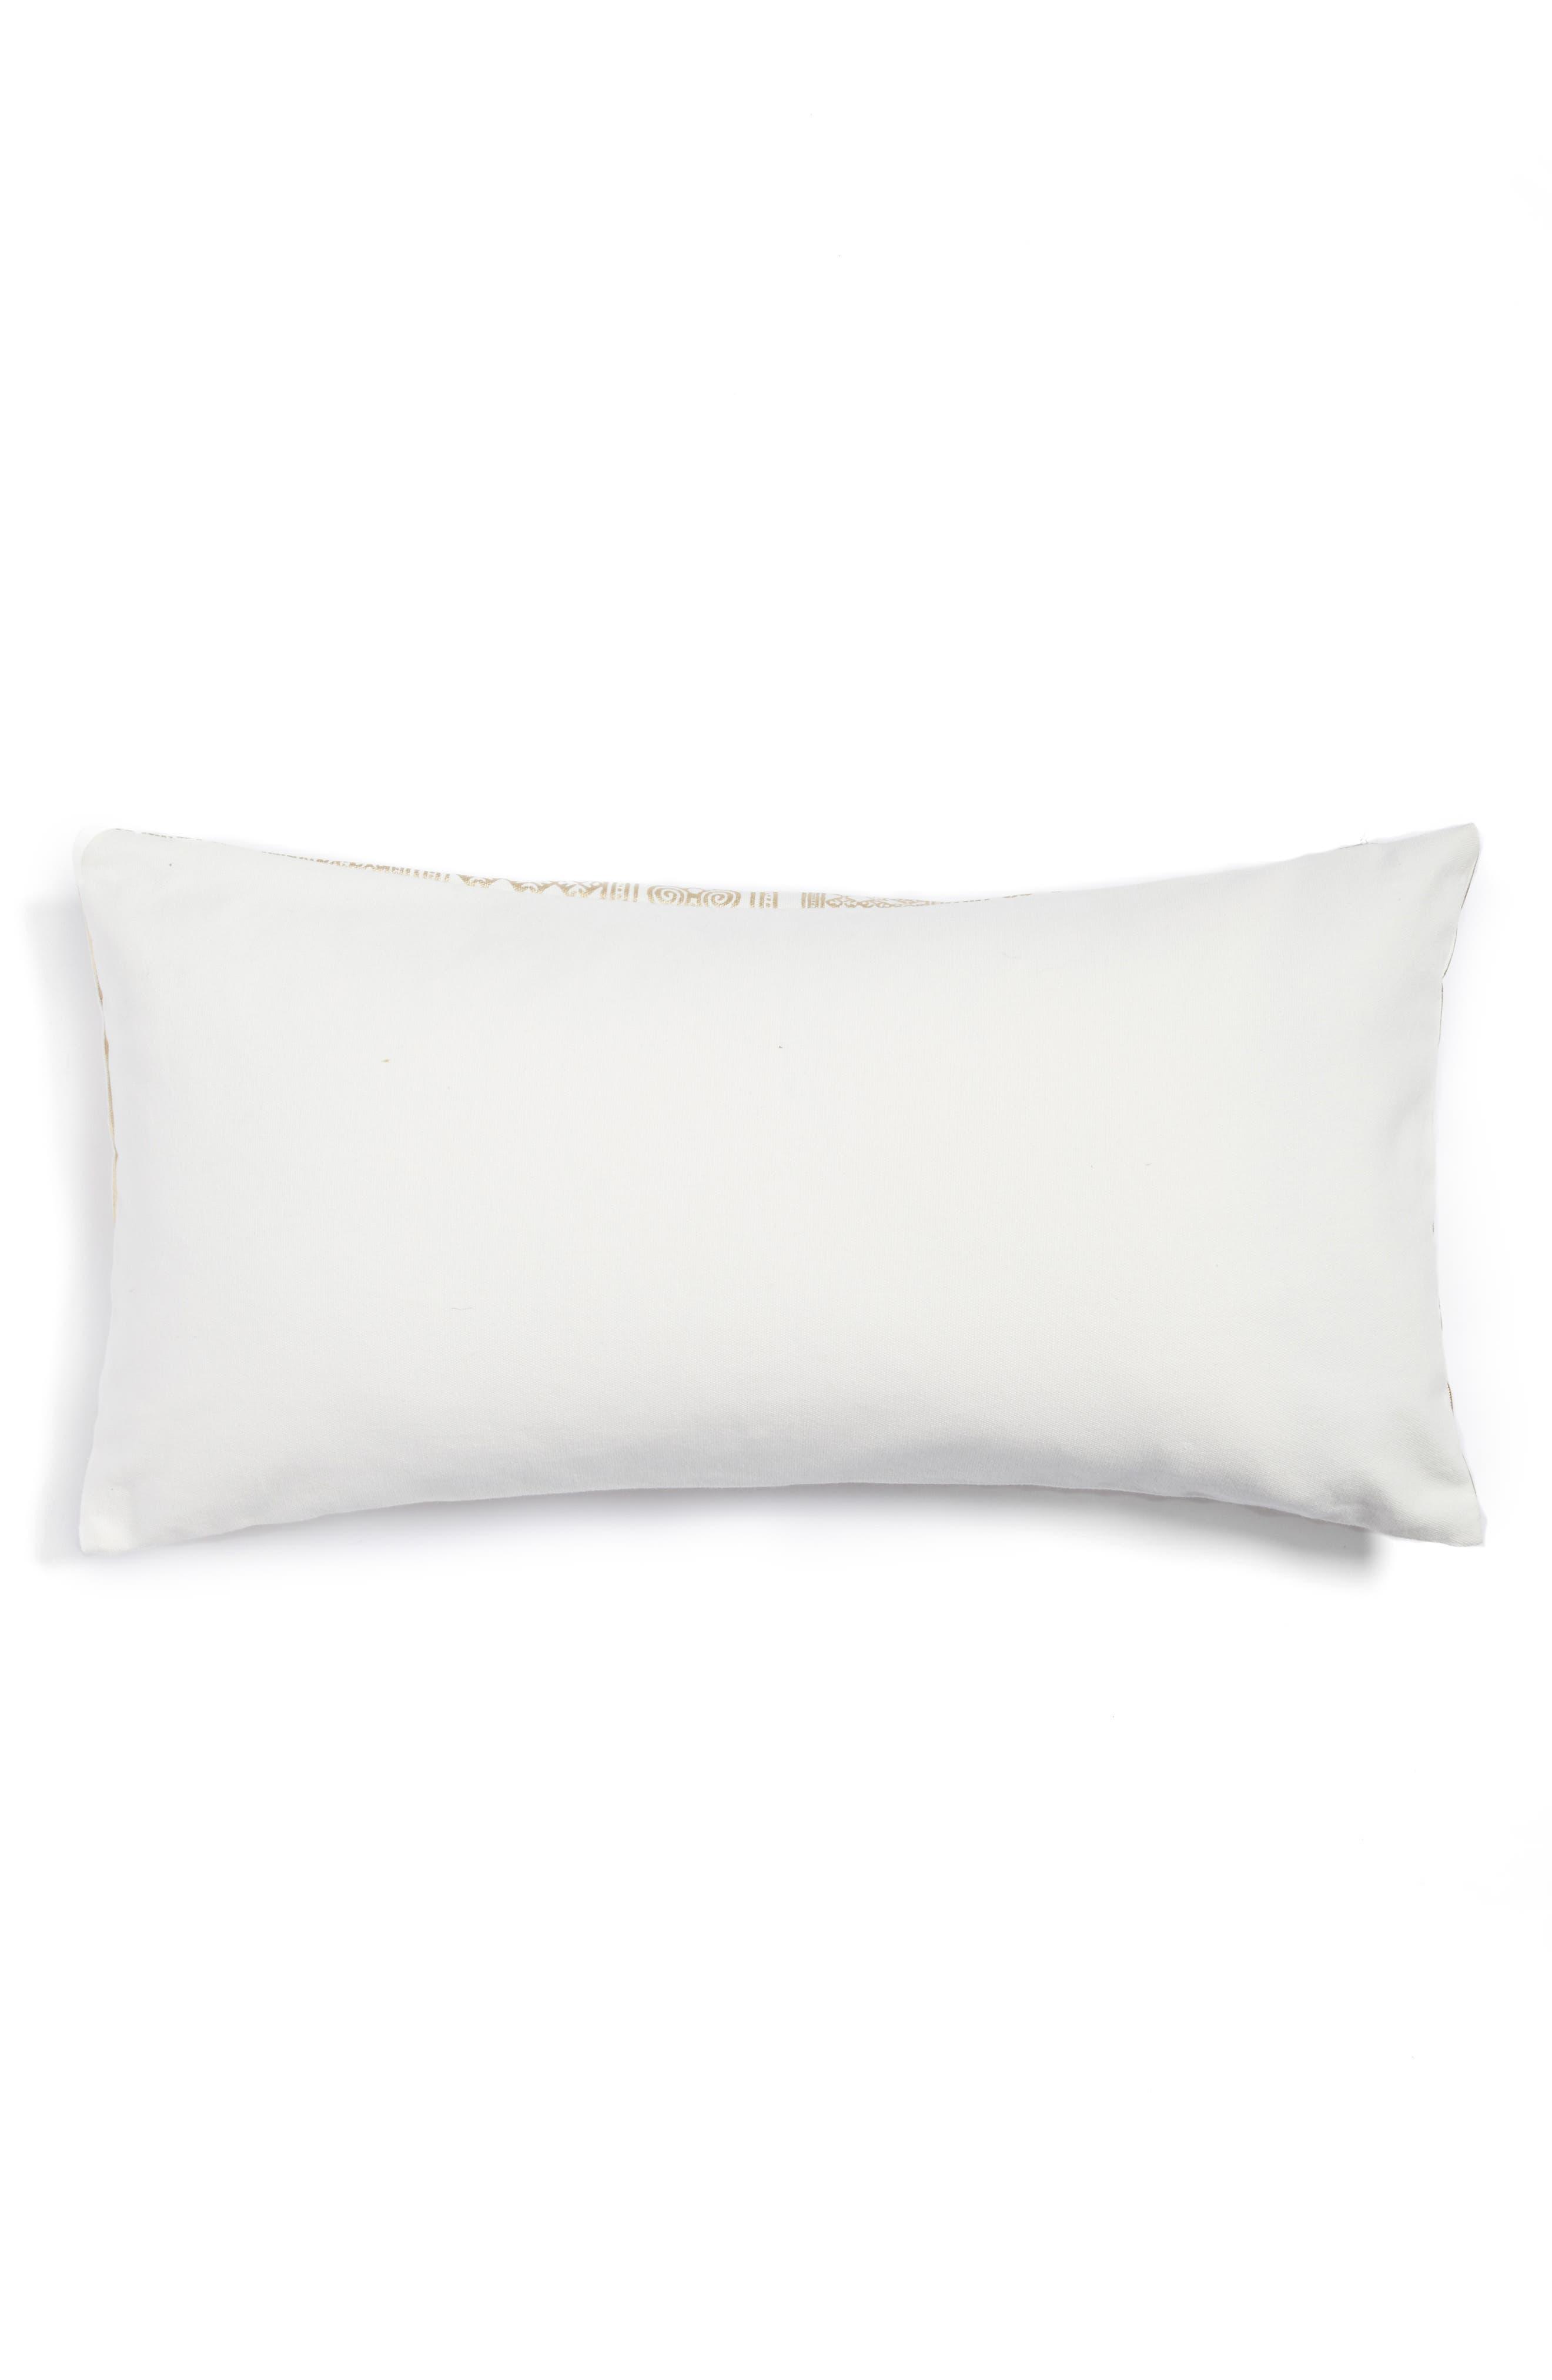 Foil Screenprint Accent Pillow,                             Alternate thumbnail 2, color,                             710